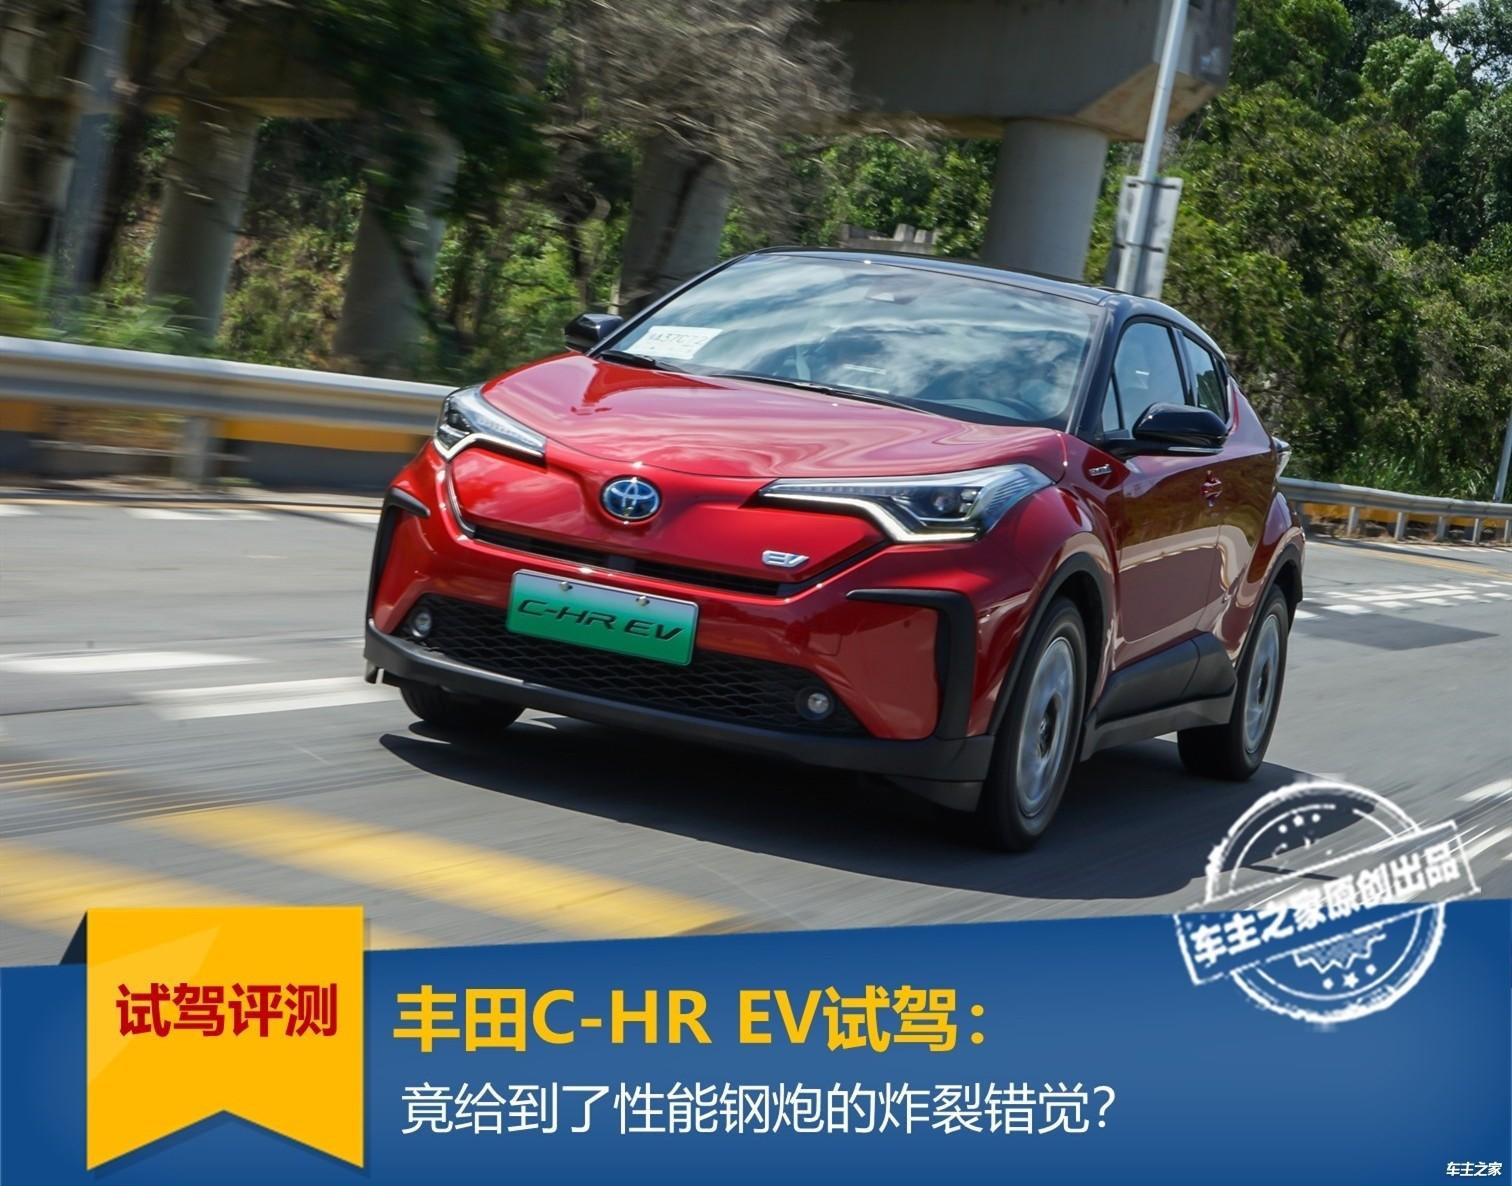 丰田C-HR EV试驾:竟给到了性能钢炮的炸裂错觉?_试驾评测 -第1张图片-汽车笔记网